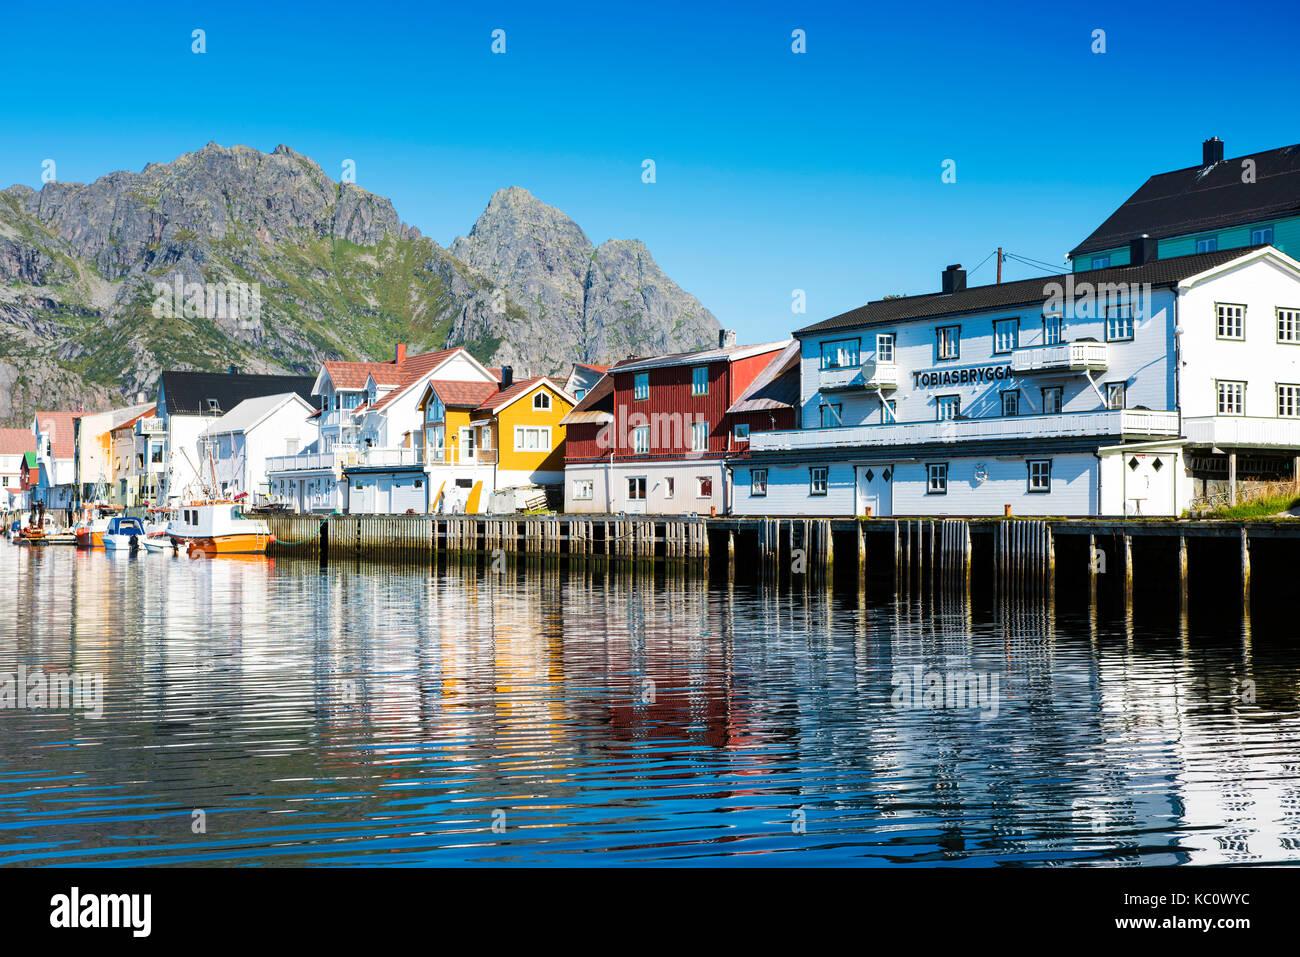 The fishing village of Henningsvaer, Lofoten, Norway - Stock Image